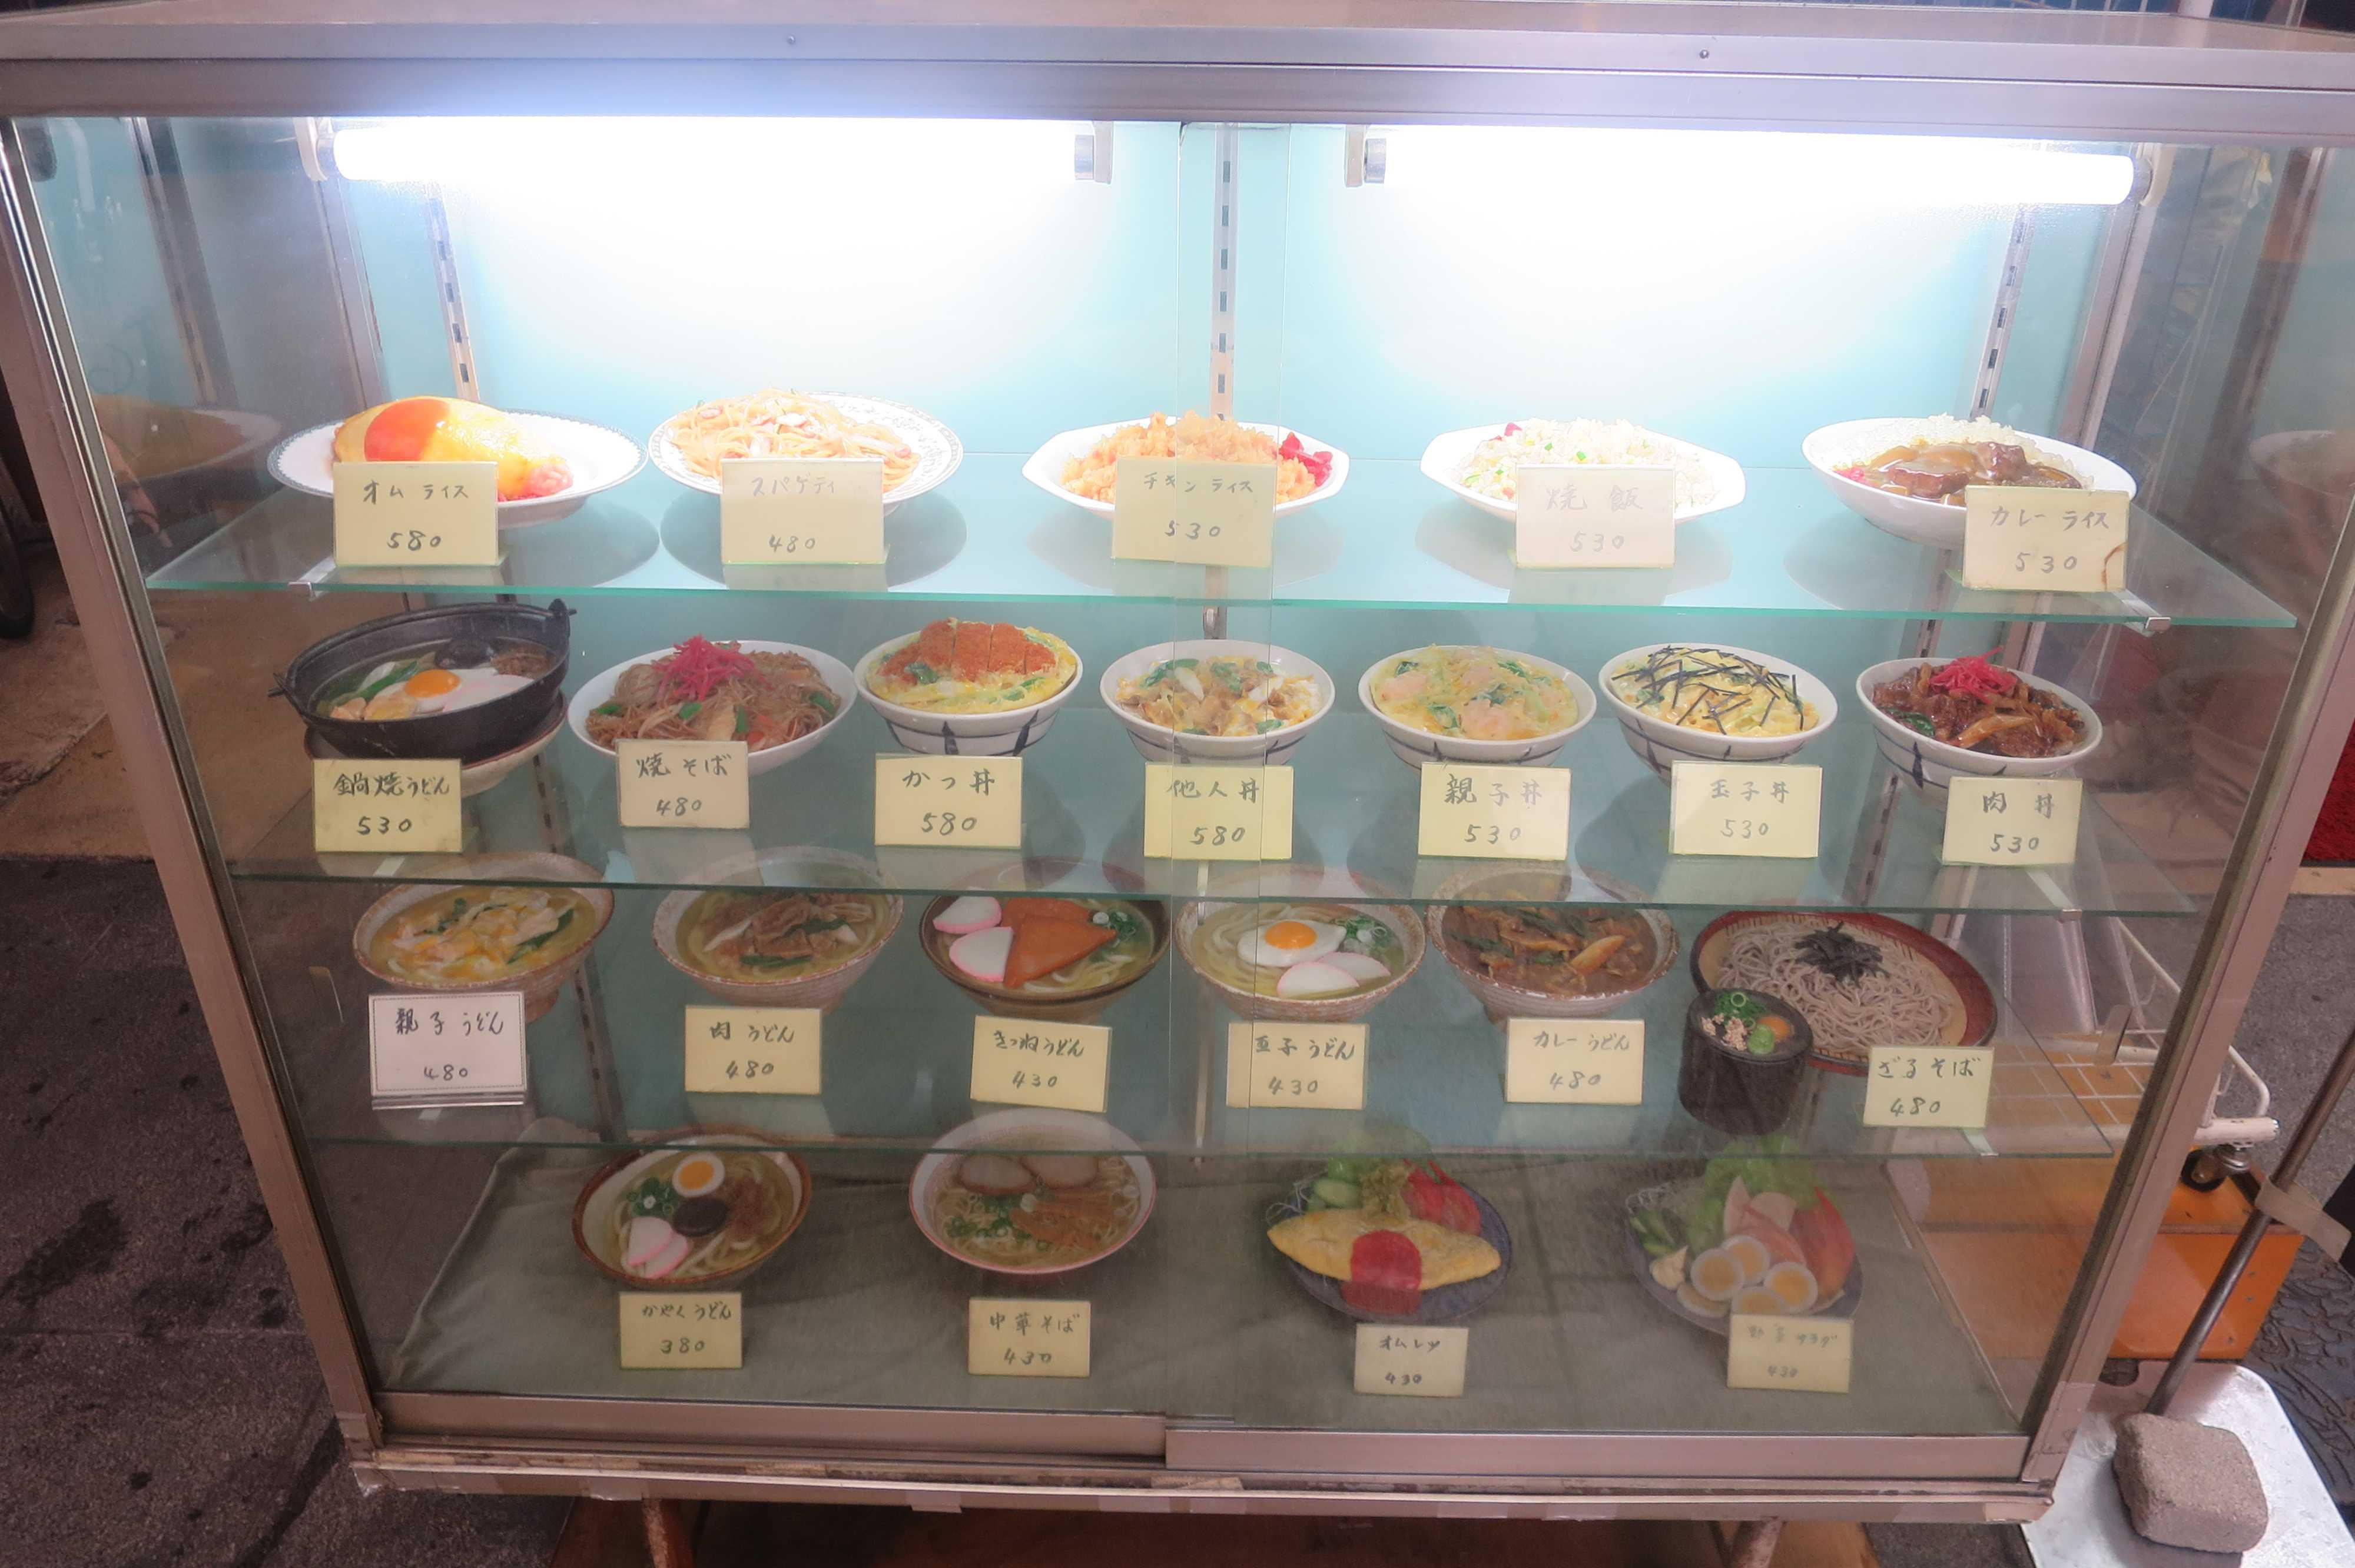 食品サンプル - 岡山駅前商店街(SKY MALL 21)